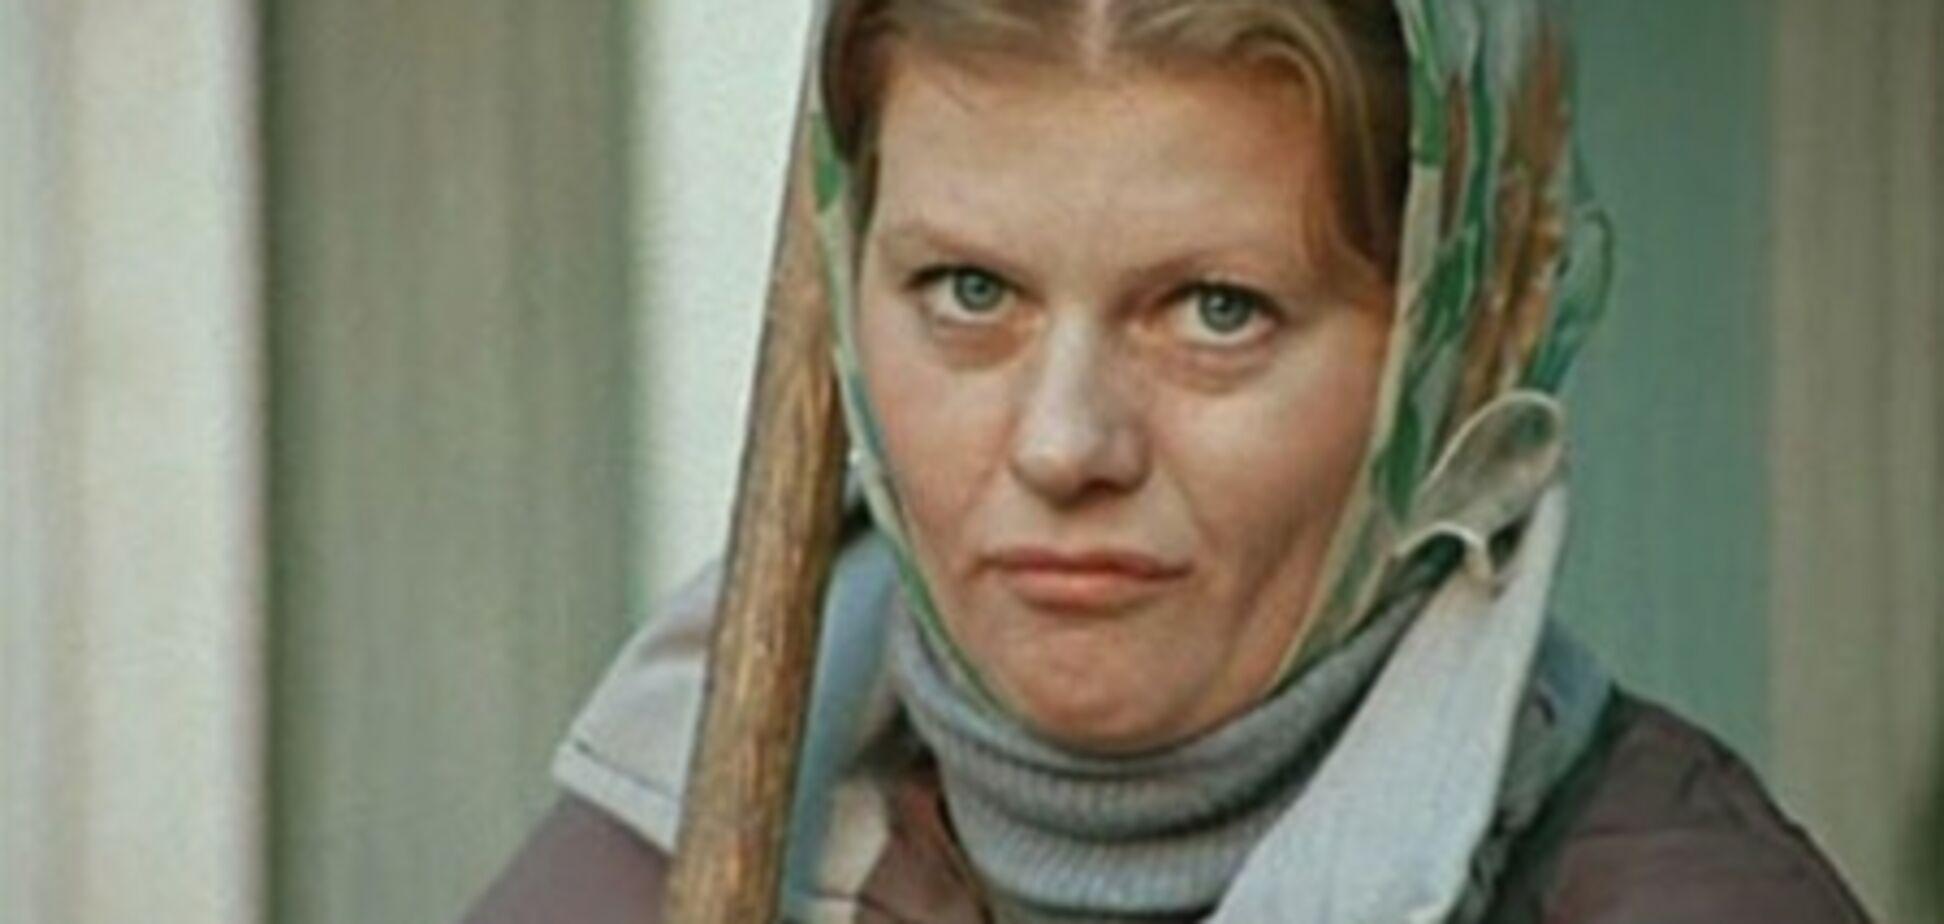 Ирина Муравьева: я забрала душу со сцены и отдала ее Богу